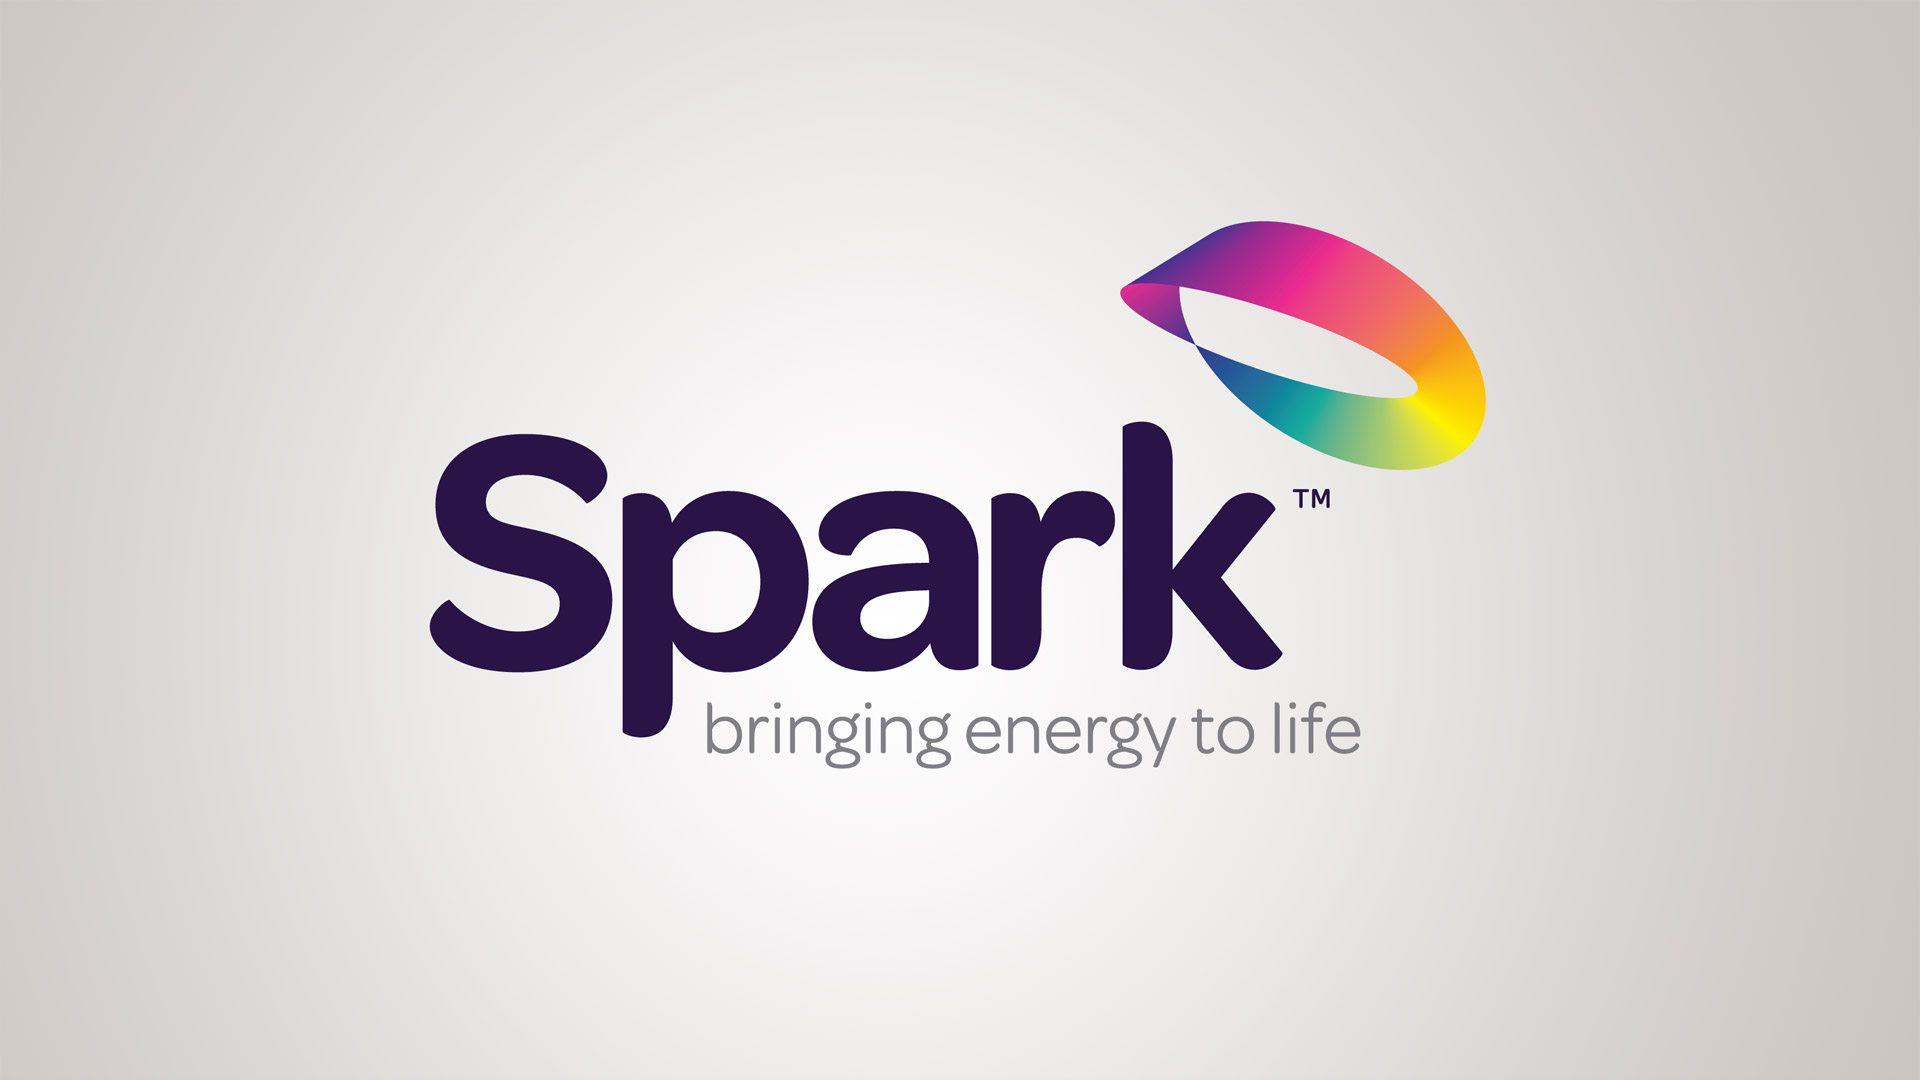 spark eneergy helpline